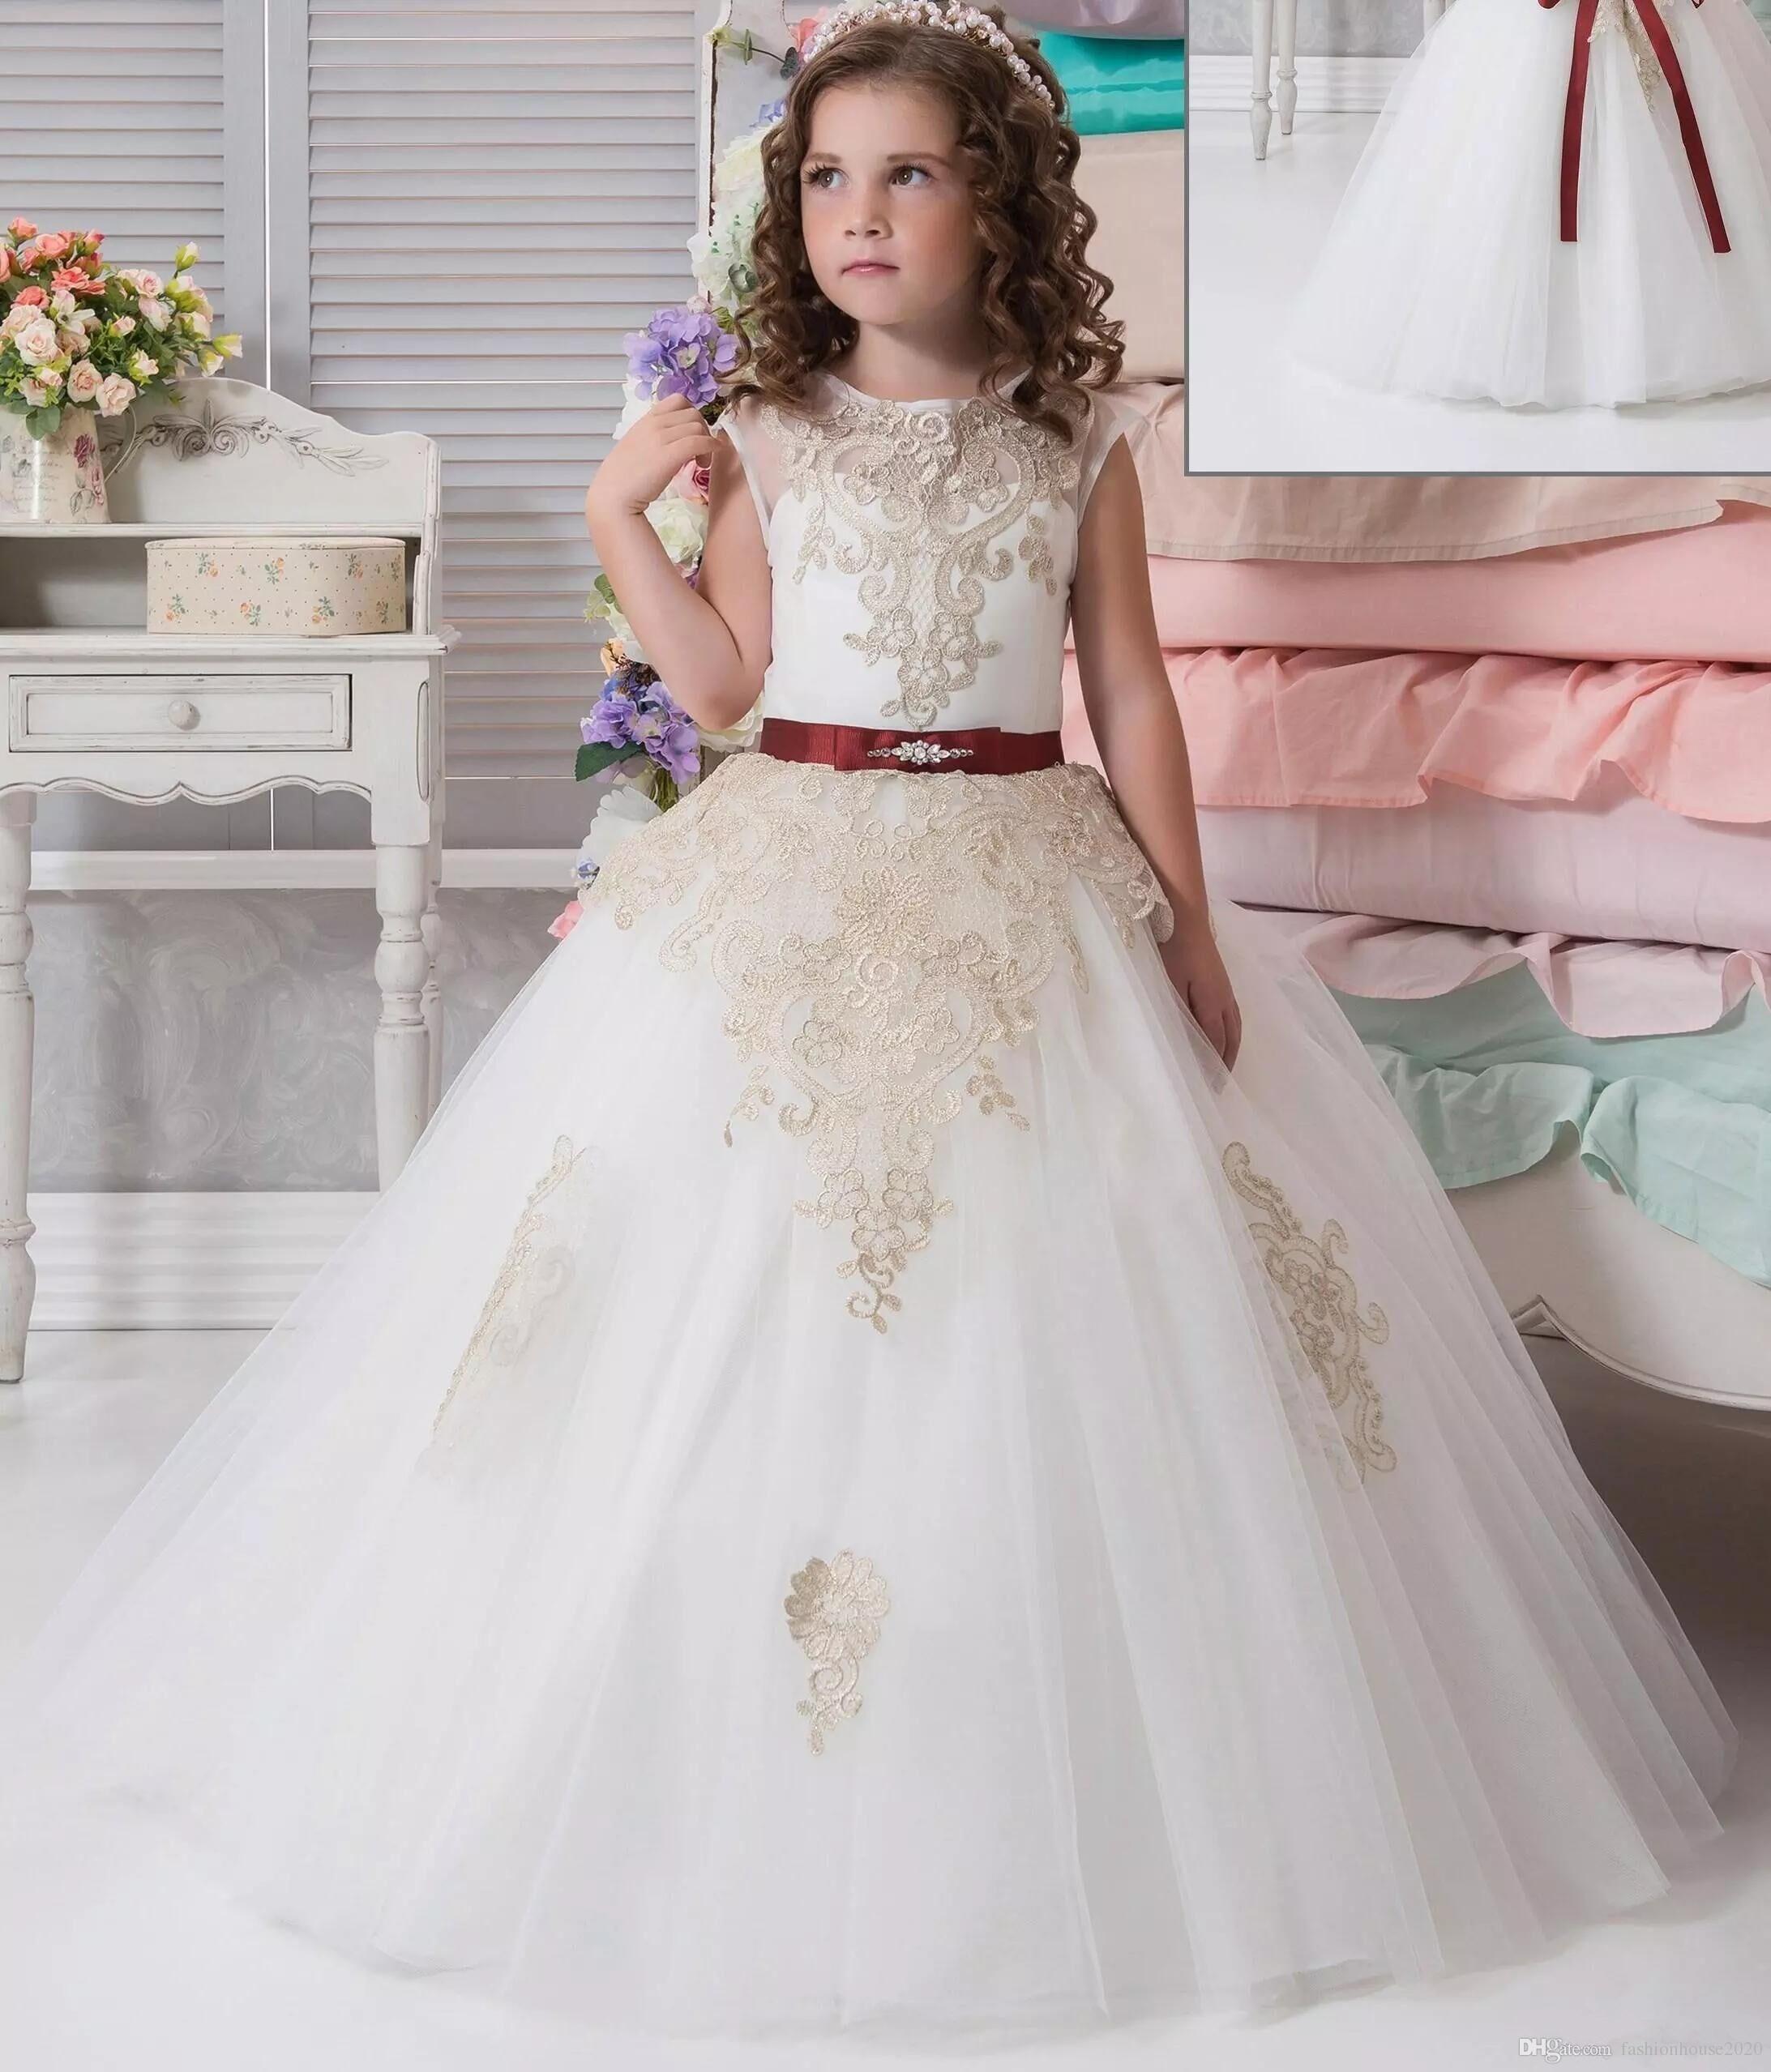 Großartig Junioren Kleider Für Hochzeiten Bilder - Brautkleider ...